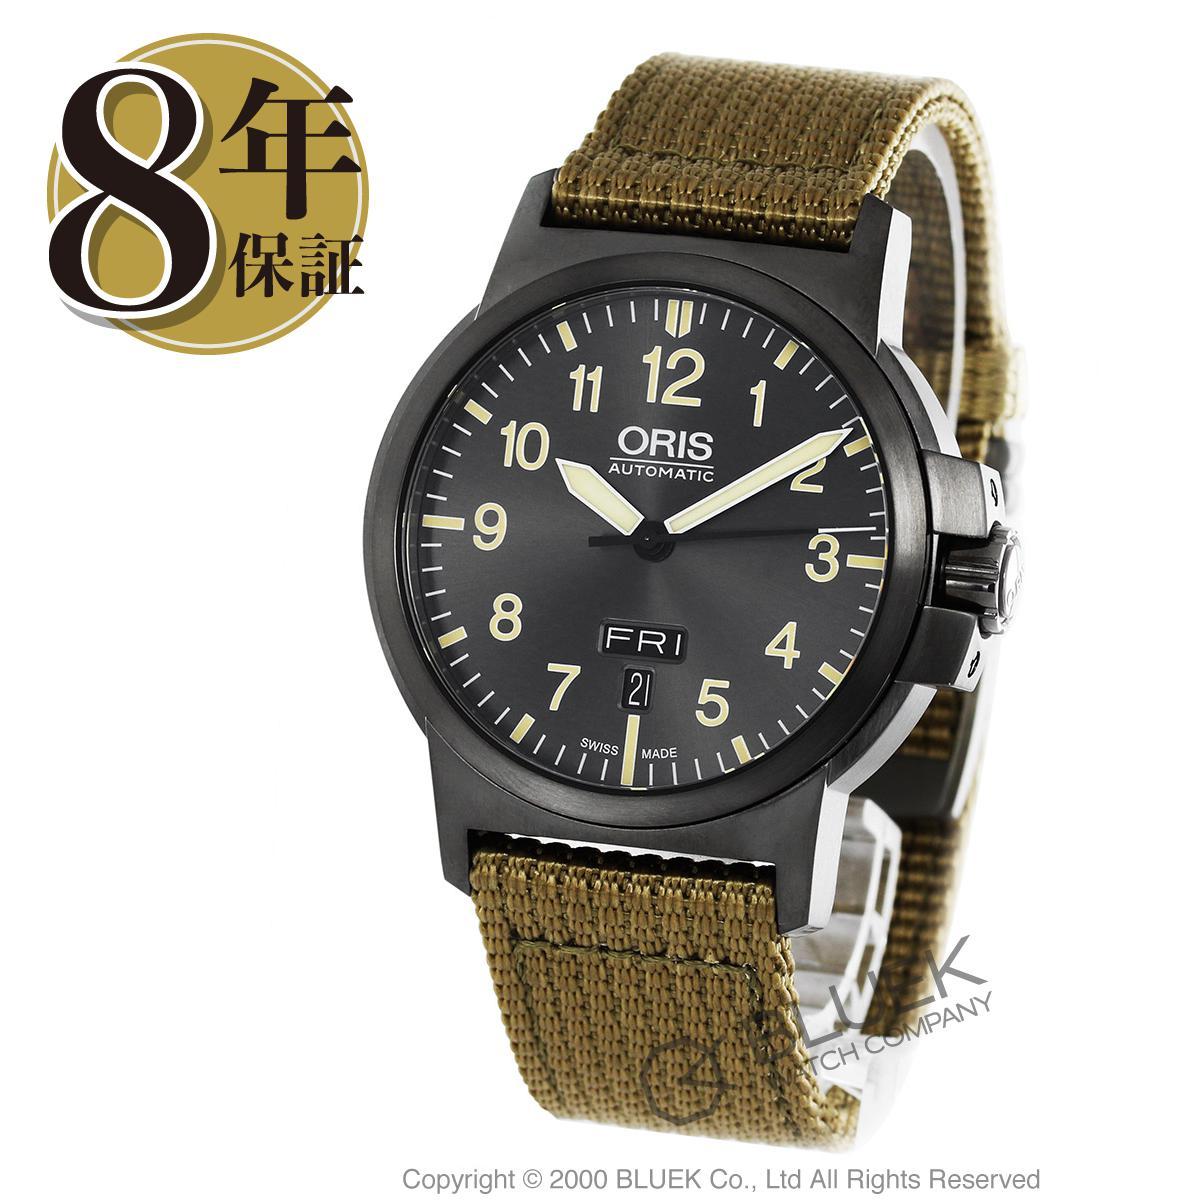 オリス ORIS 腕時計 BC3 アドバンスド メンズ 735 7641 4263F_8